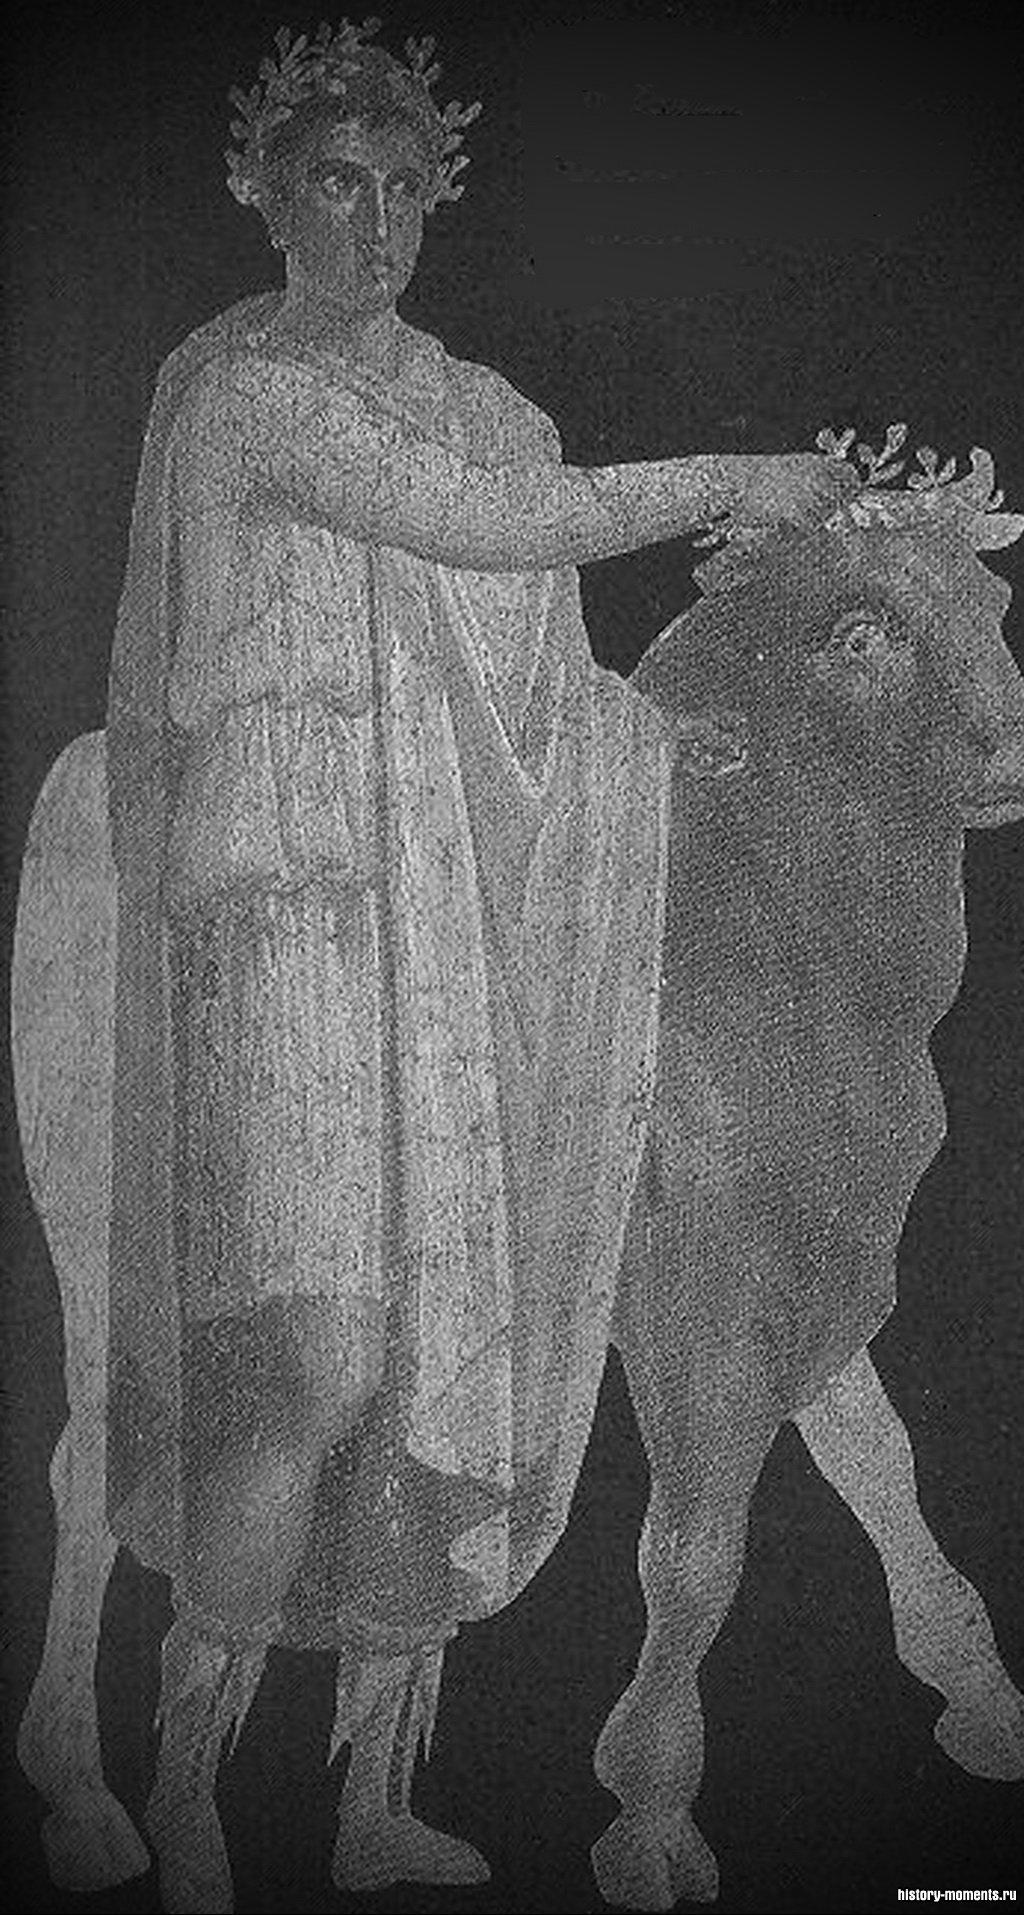 Жрец ведет быка к жертвеннику за пределами храма.